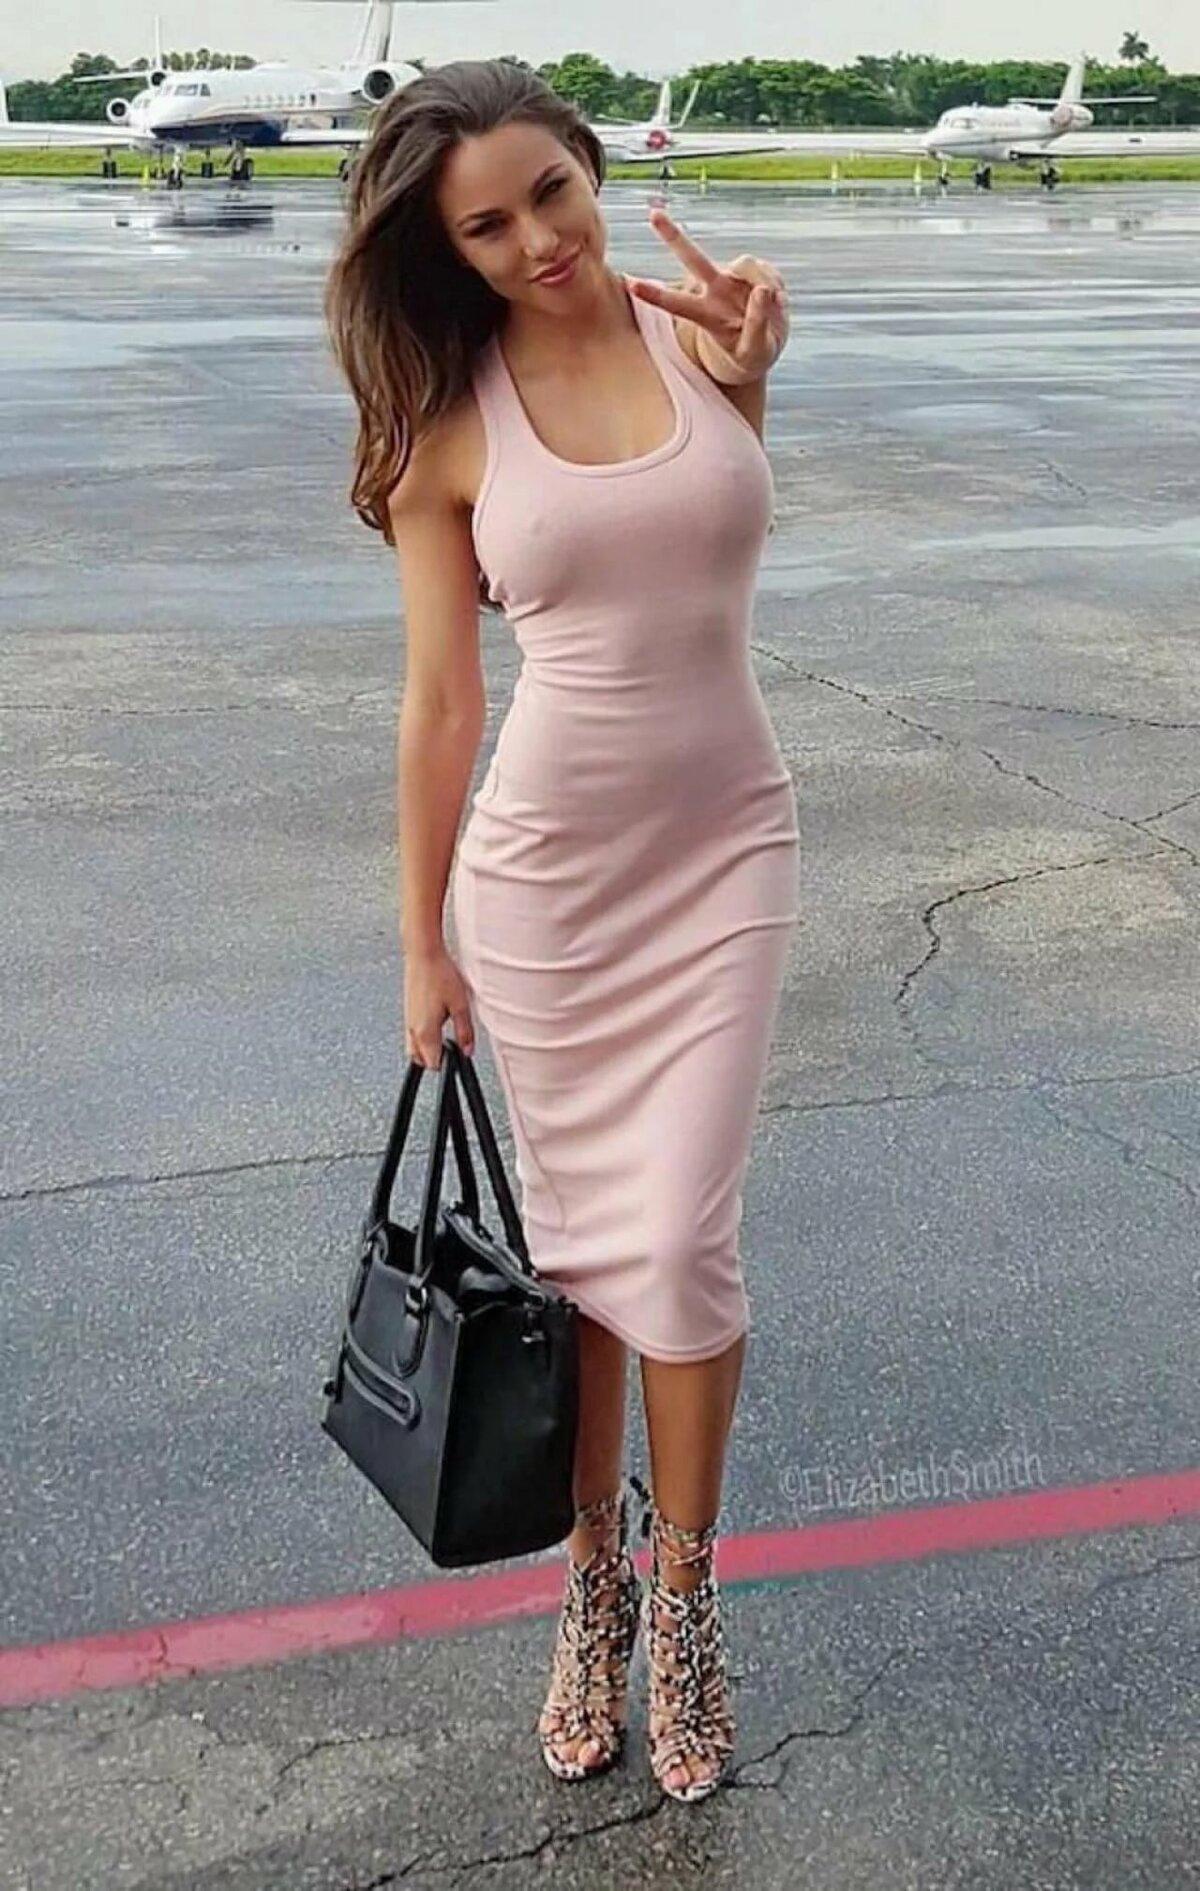 Девушка без лифчика платье фото, женщины в сапогах и юбках